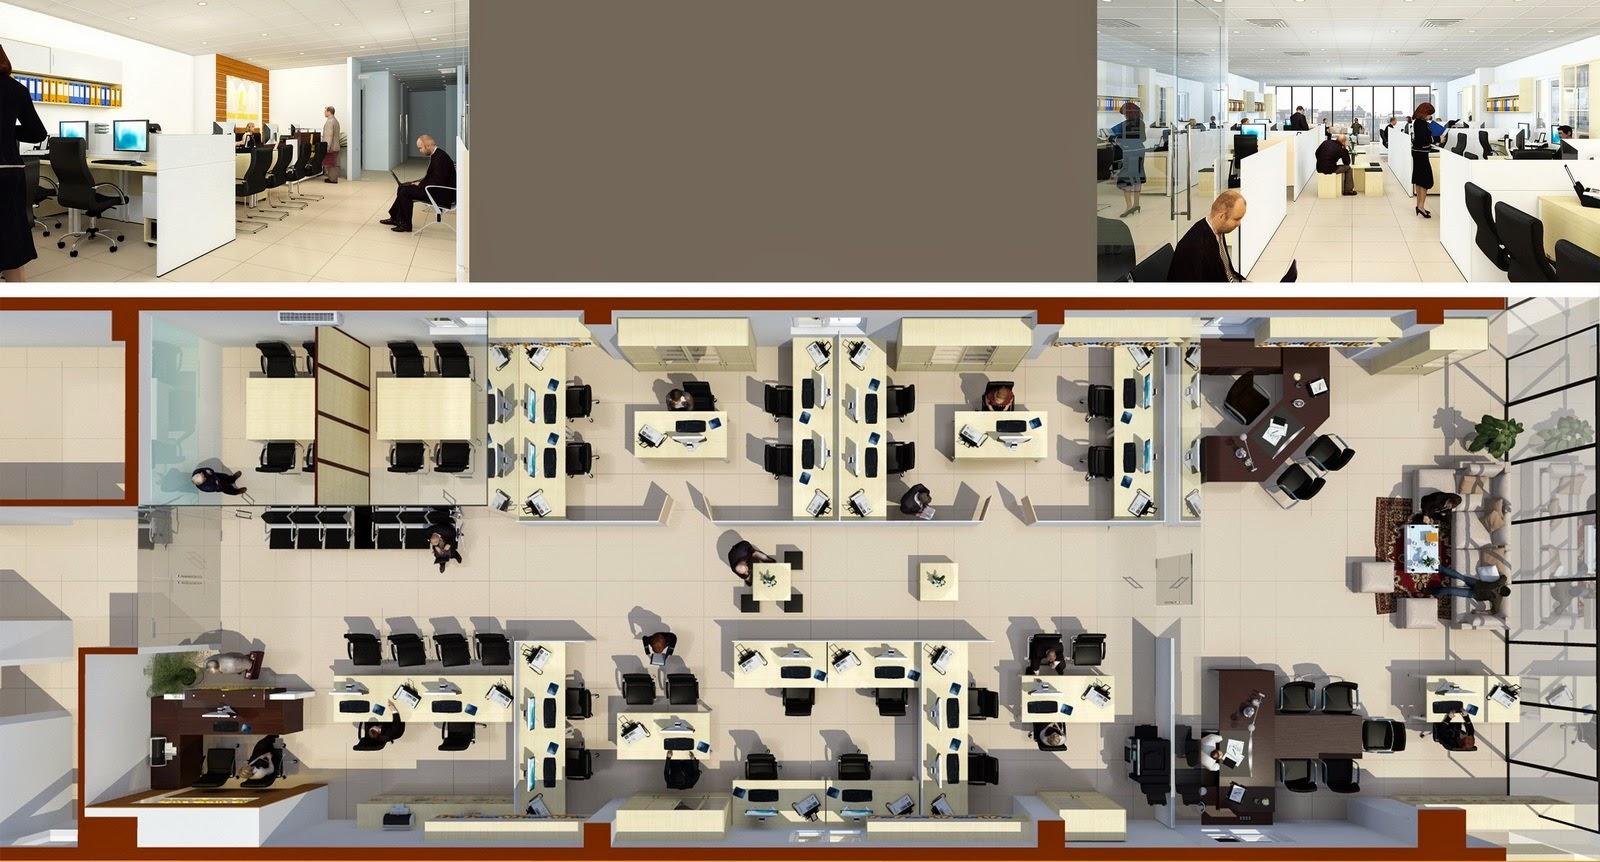 cho thuê văn phòng quận tân bình, gần sân bay, quận 10, quận 3 (14)